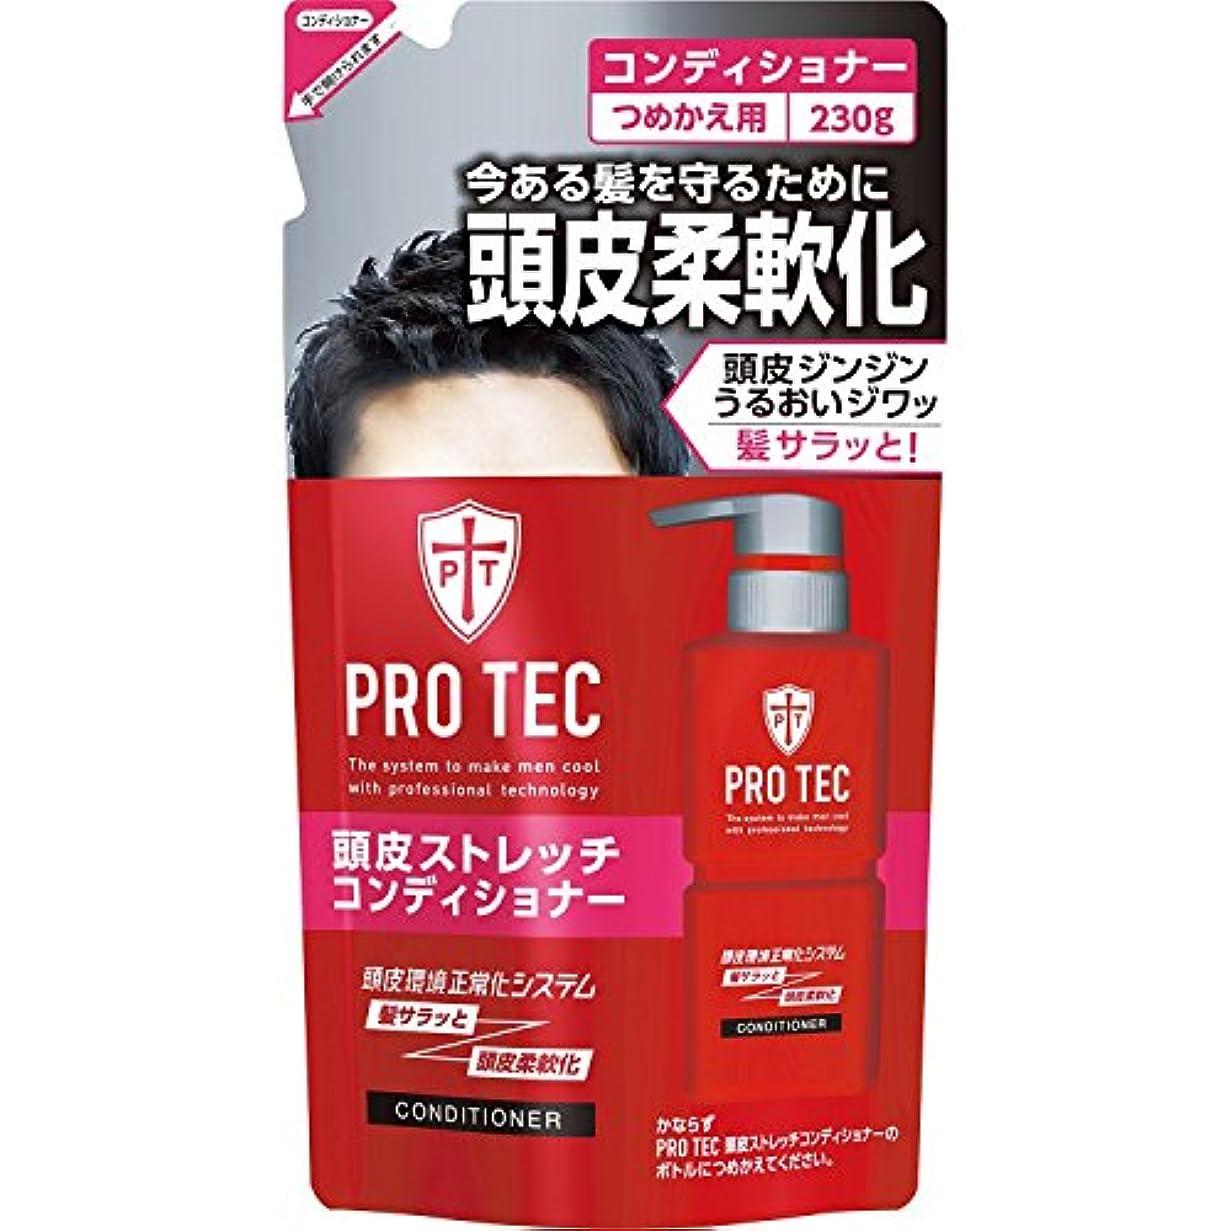 プラカード観客イルPRO TEC(プロテク) 頭皮ストレッチ コンディショナー 詰め替え 230g